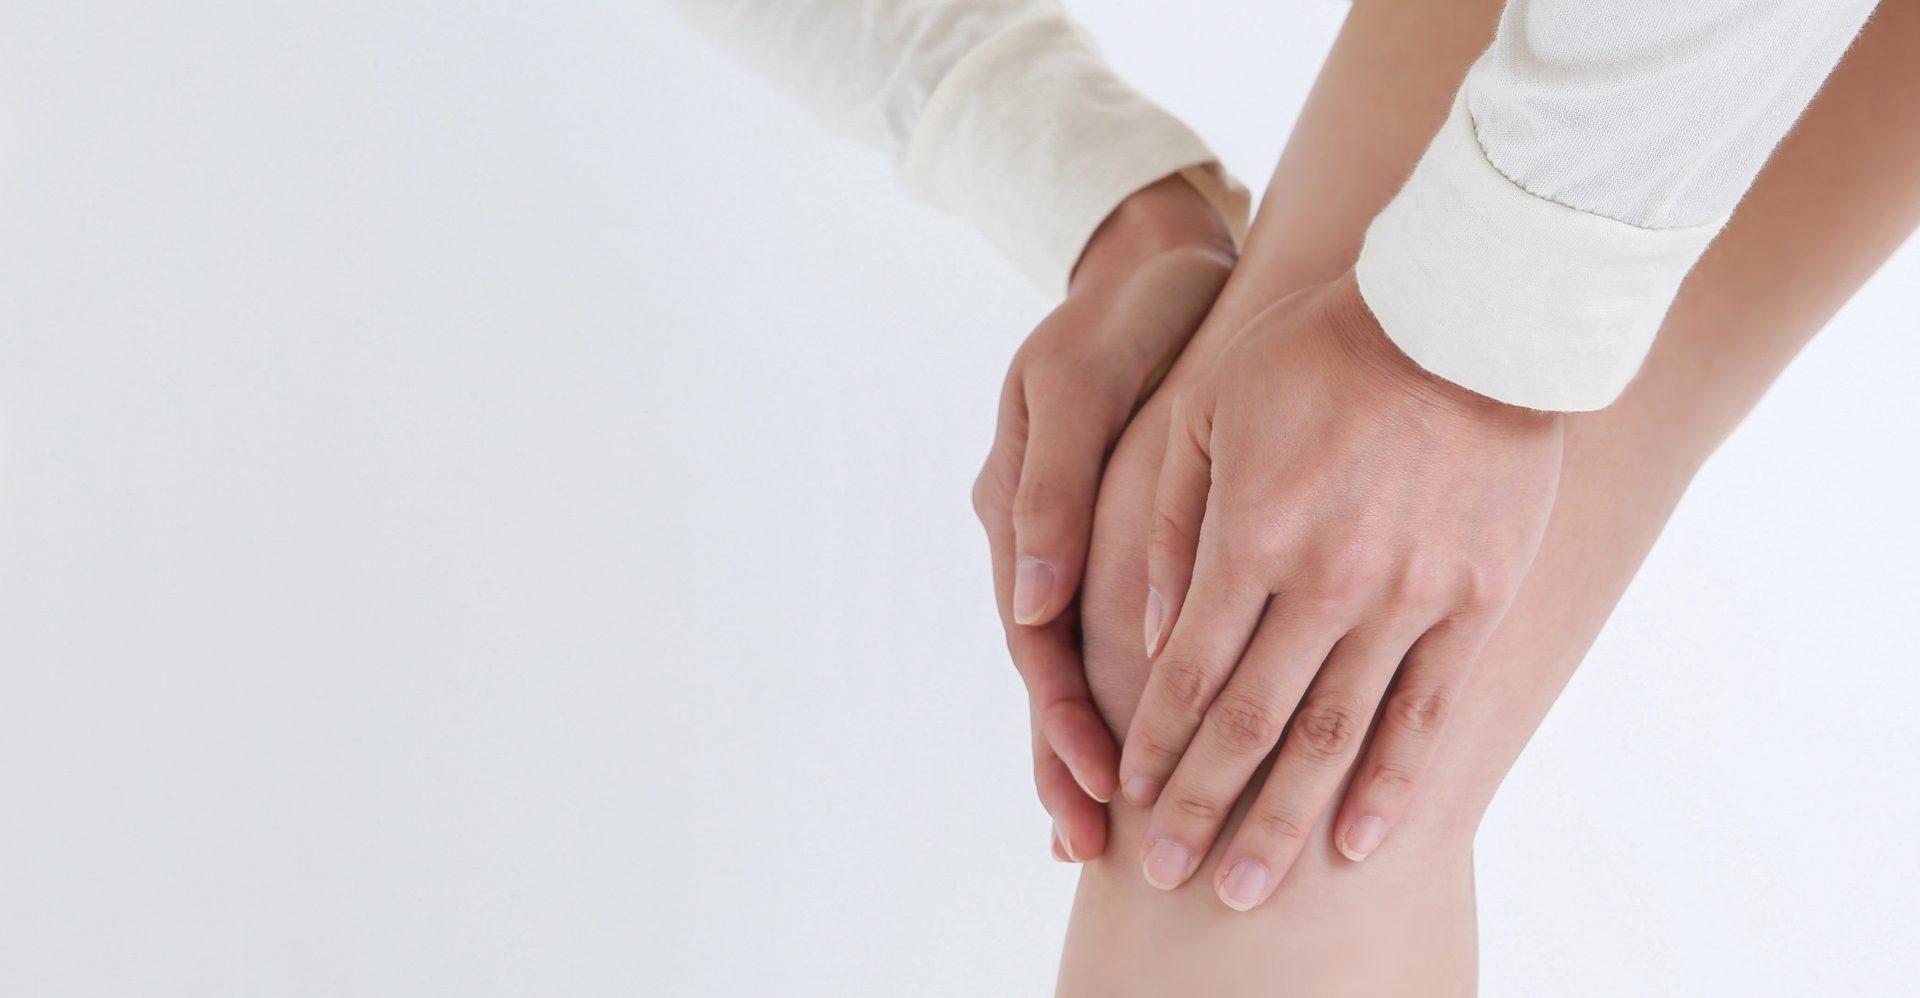 膝の痛み 川崎市多摩区の稲田堤鍼灸整骨院